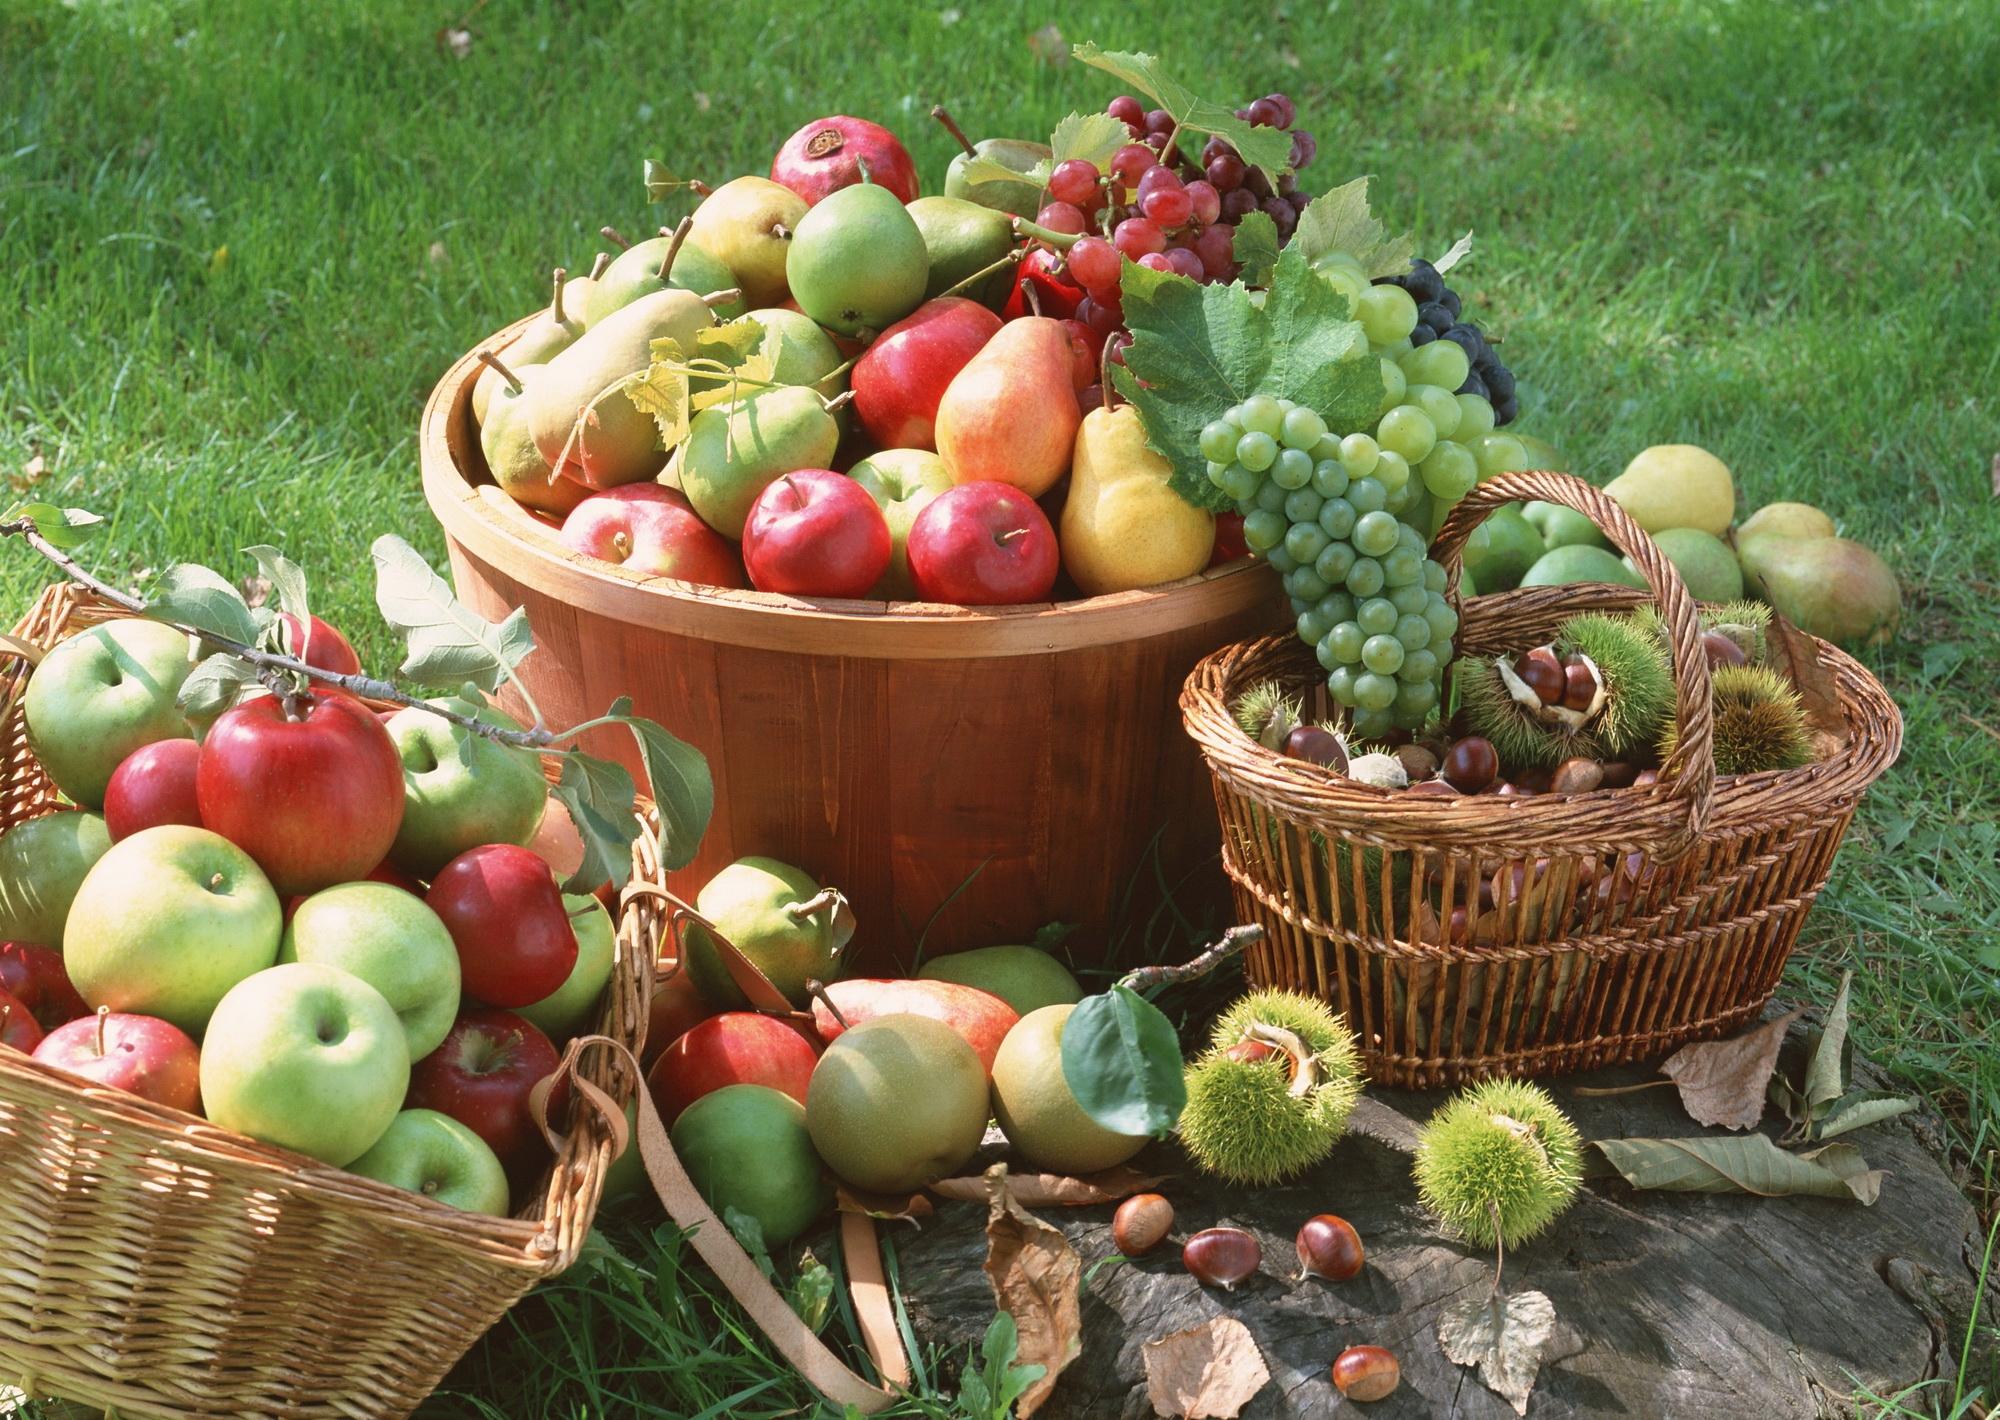 этой как картинки богатый урожай овощей нашем интернет-магазине